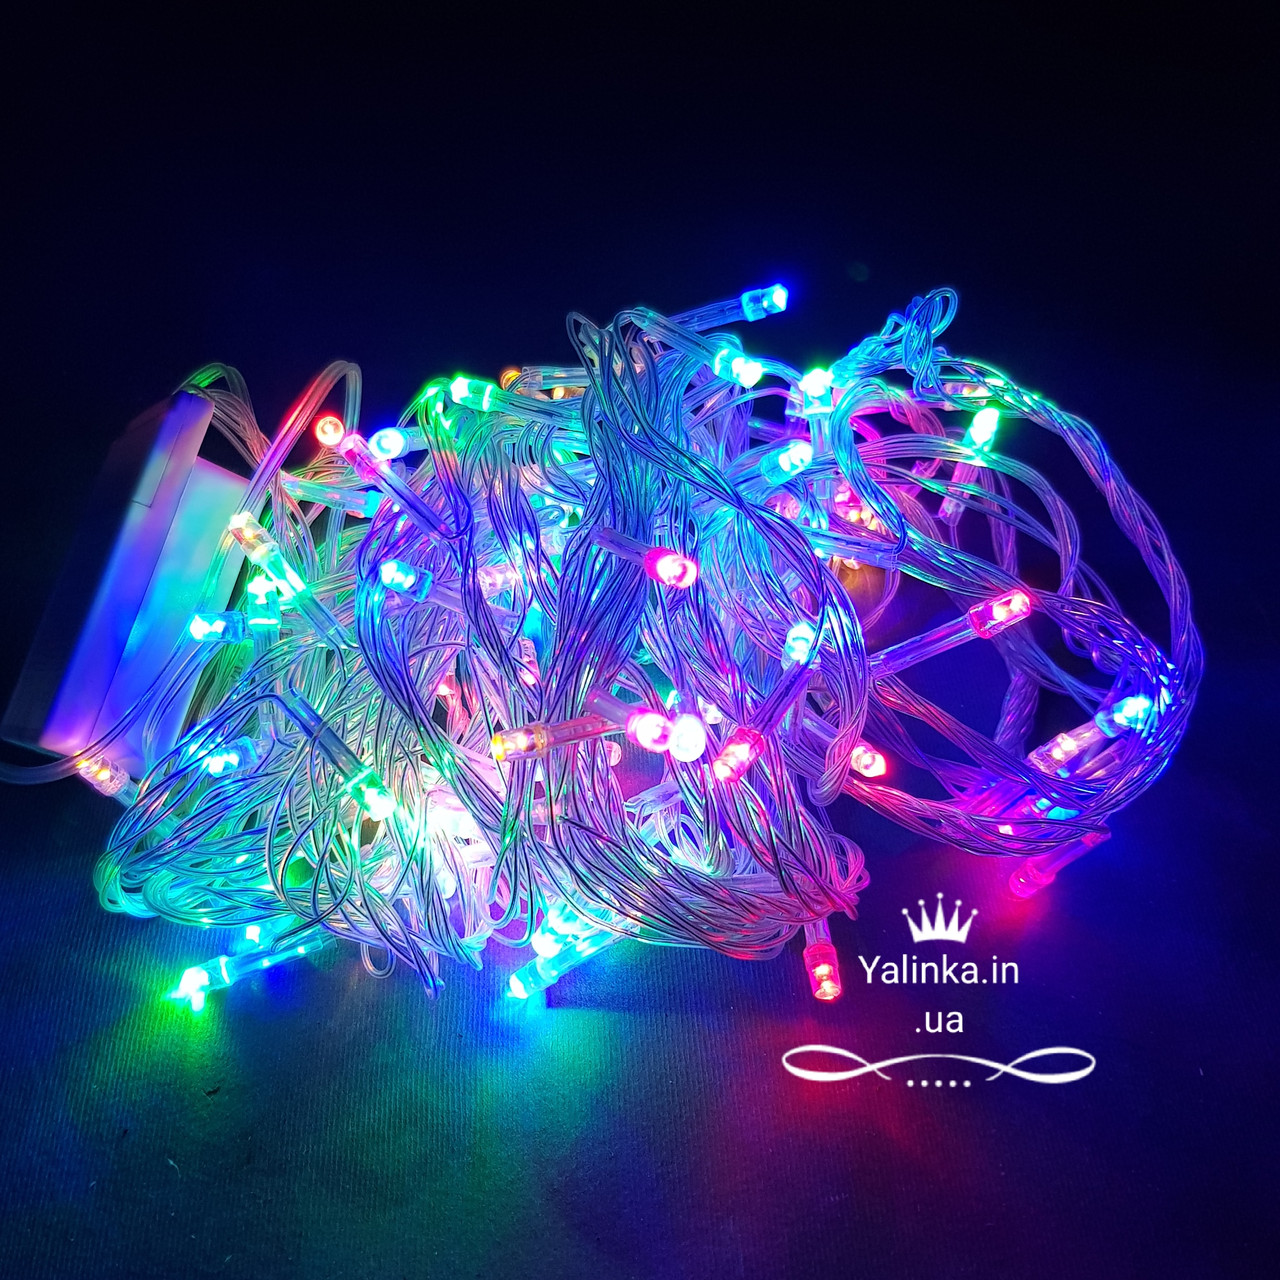 Гирлянда электрическая LED  100 новогодняя мульти -разноцветная   LED